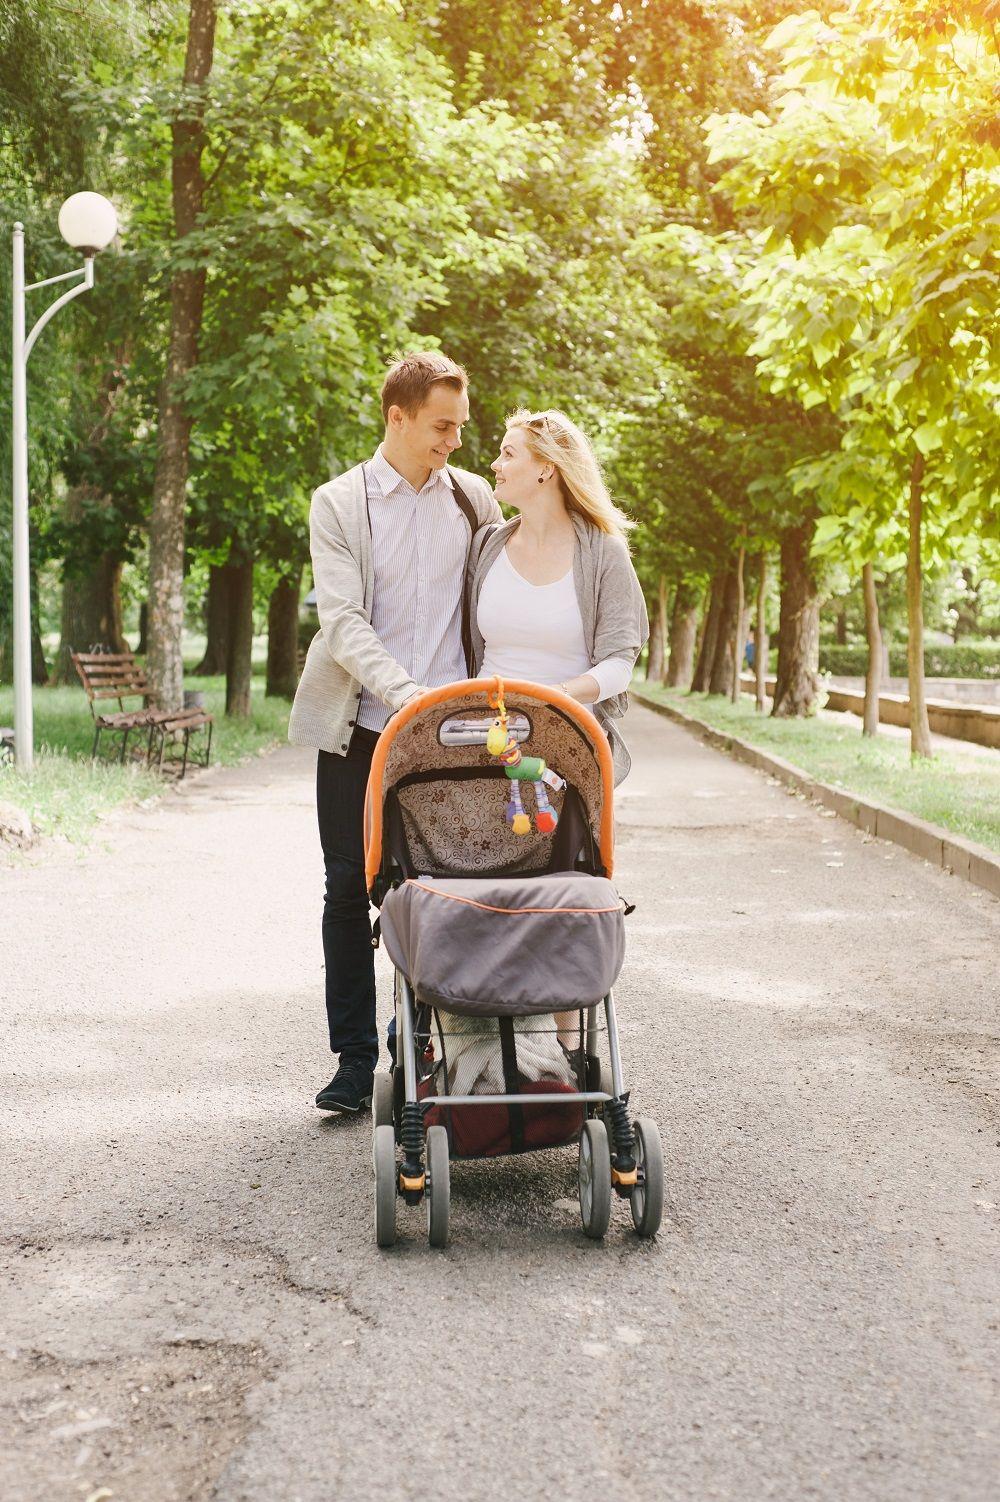 Consejos para escoger el mejor carrito de bebé, por carritos.net